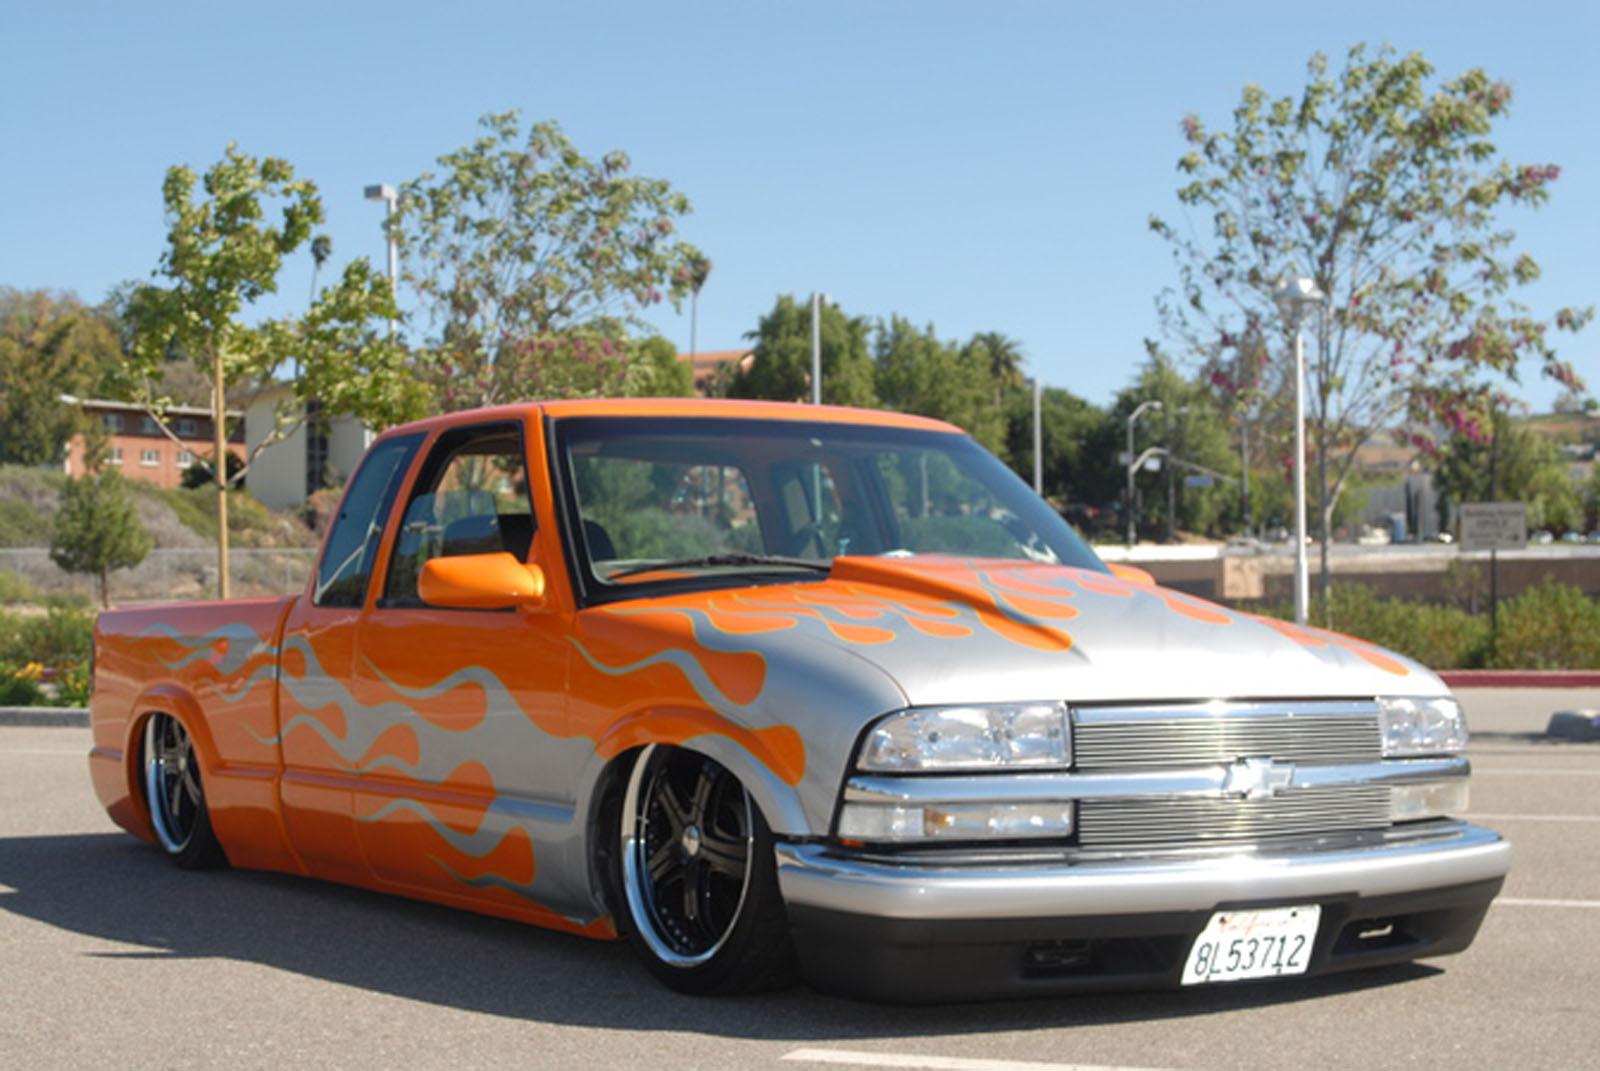 Truck 1998 custom chevy trucks : 1998 Chevrolet Custom bagged s10 [S-10] For Sale | California